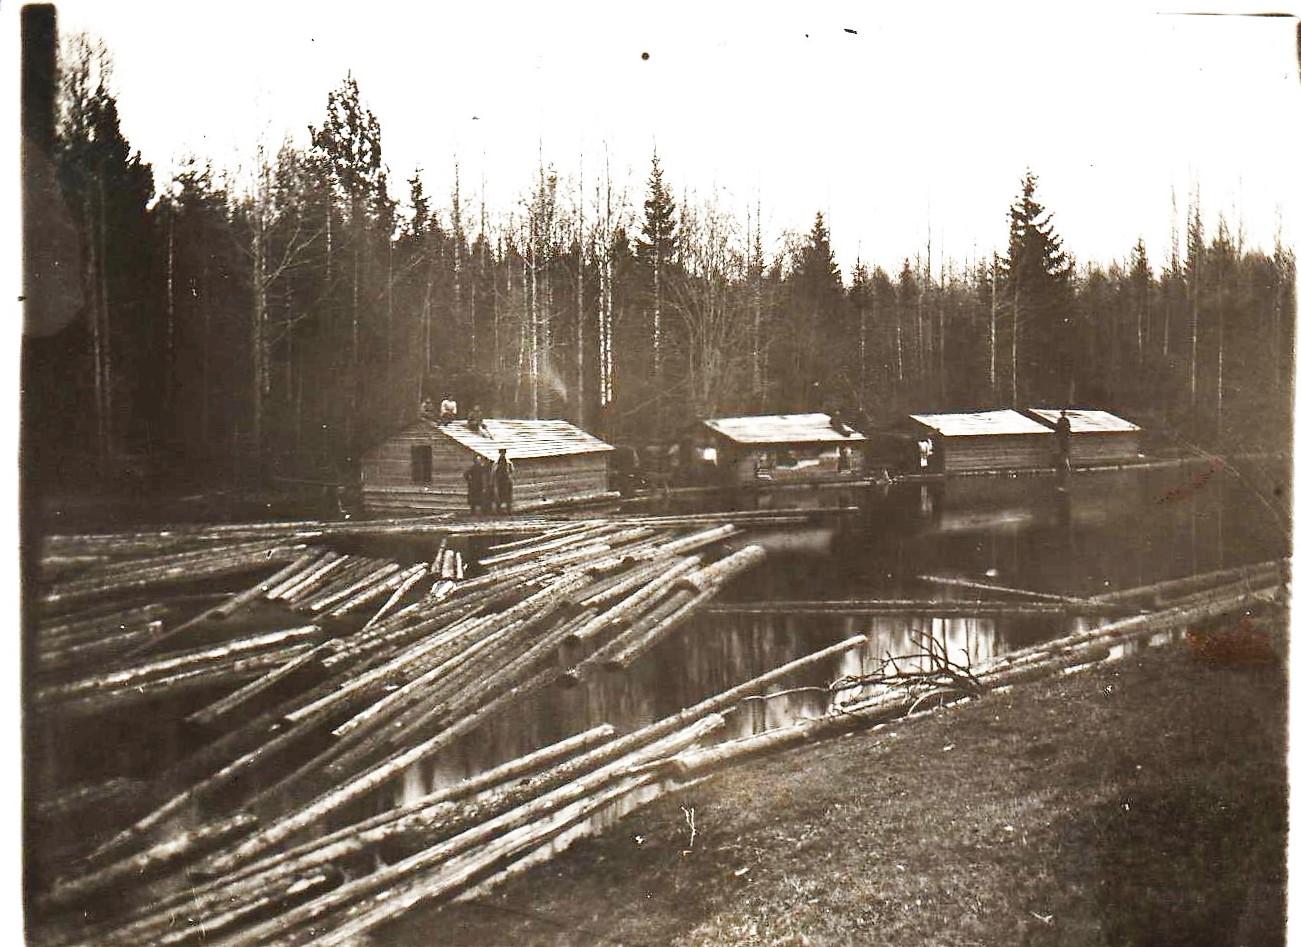 Ротковец (Коношский район), 1930-ый год, в районе